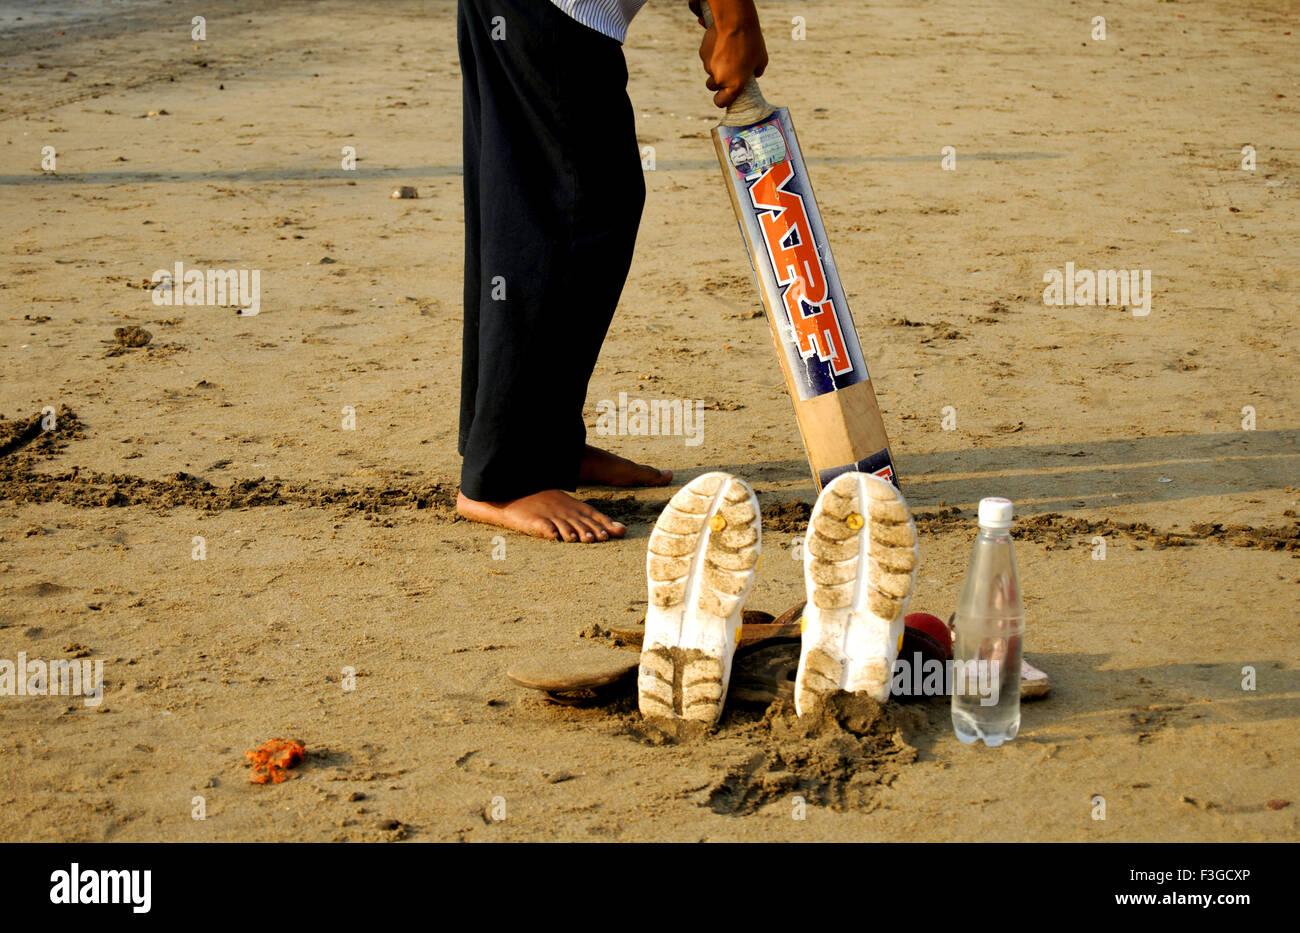 Cricket svolto dai bambini in spiaggia Immagini Stock